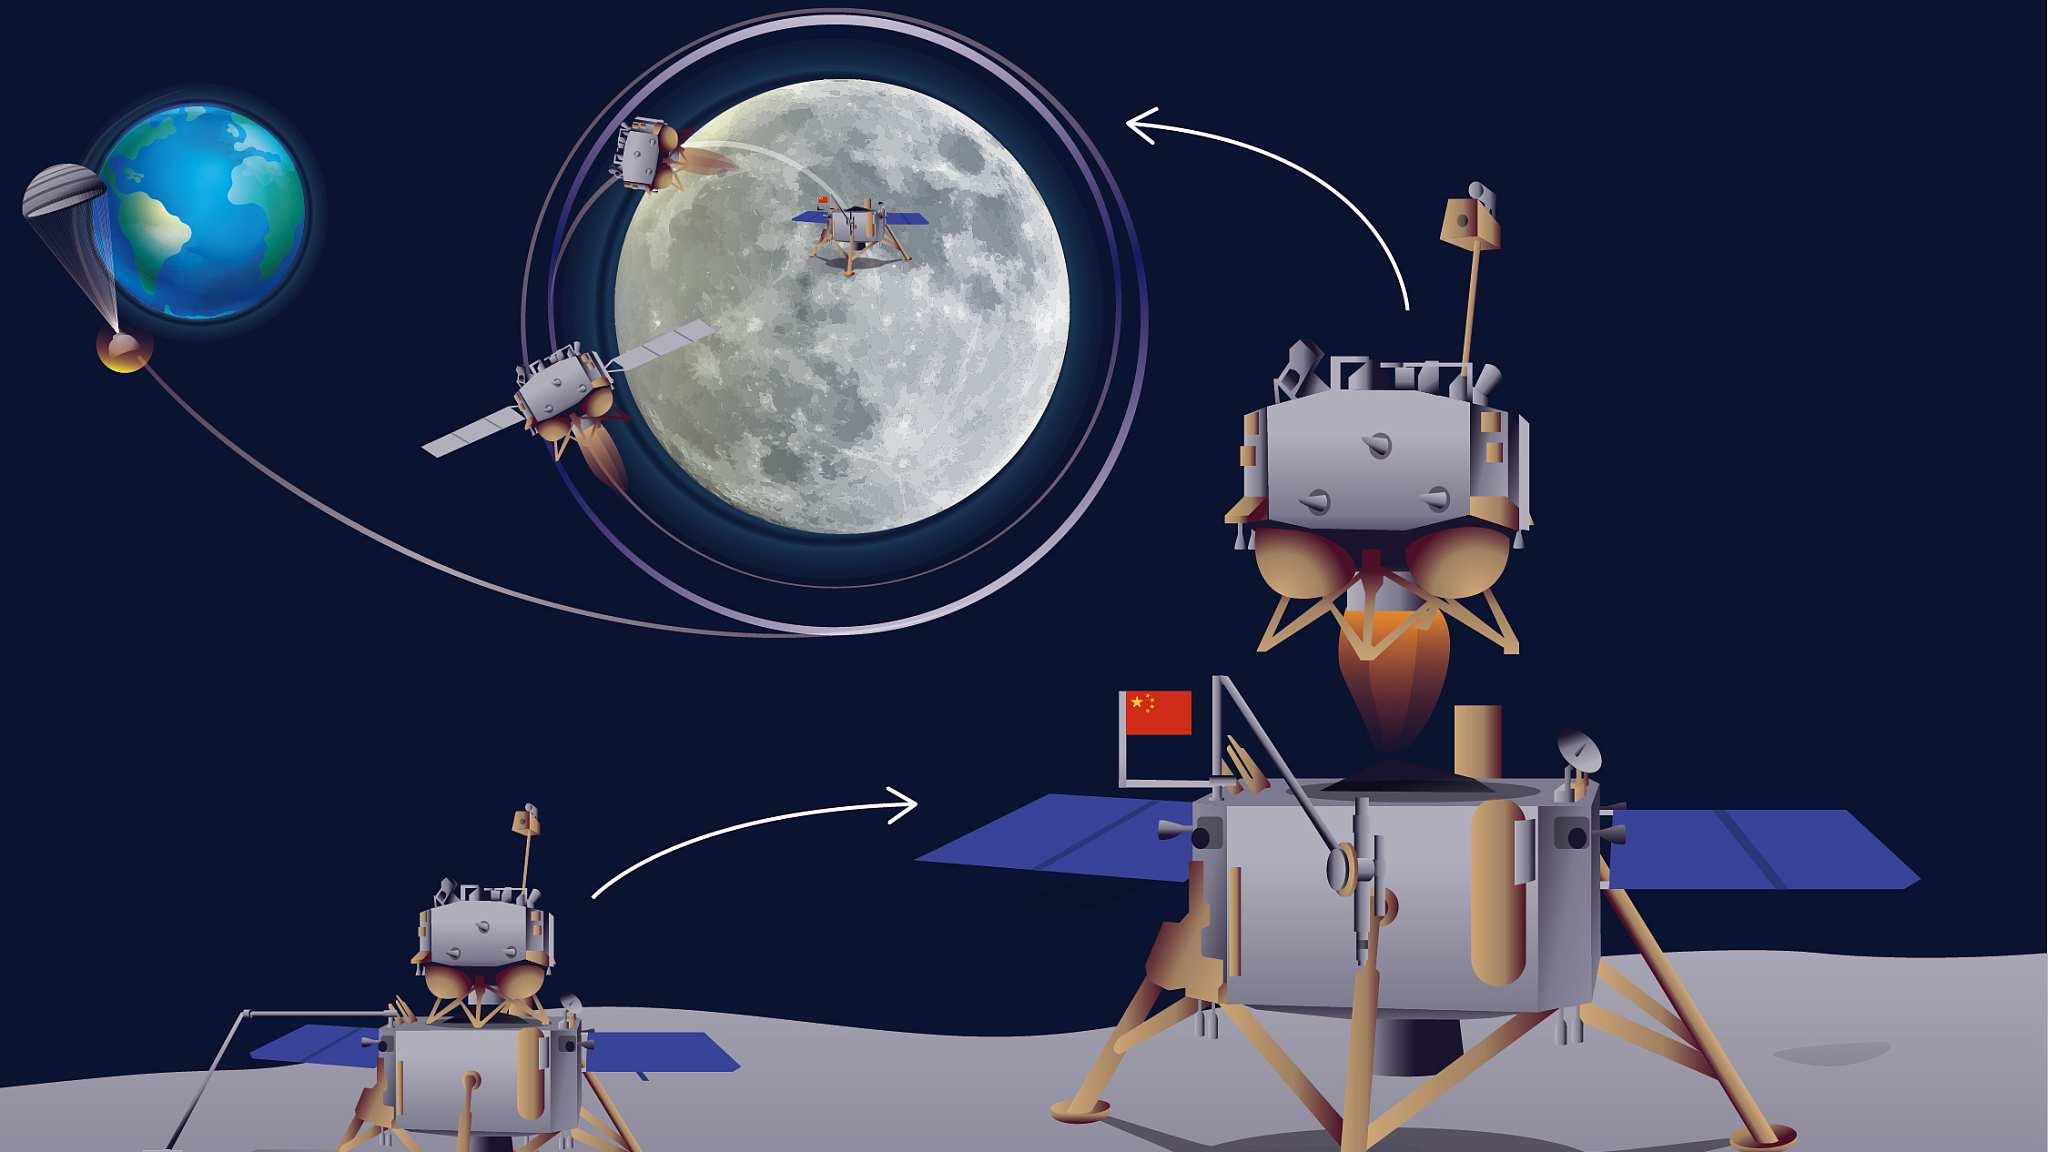 مراحل ماموریت قمری چانگ ای 5